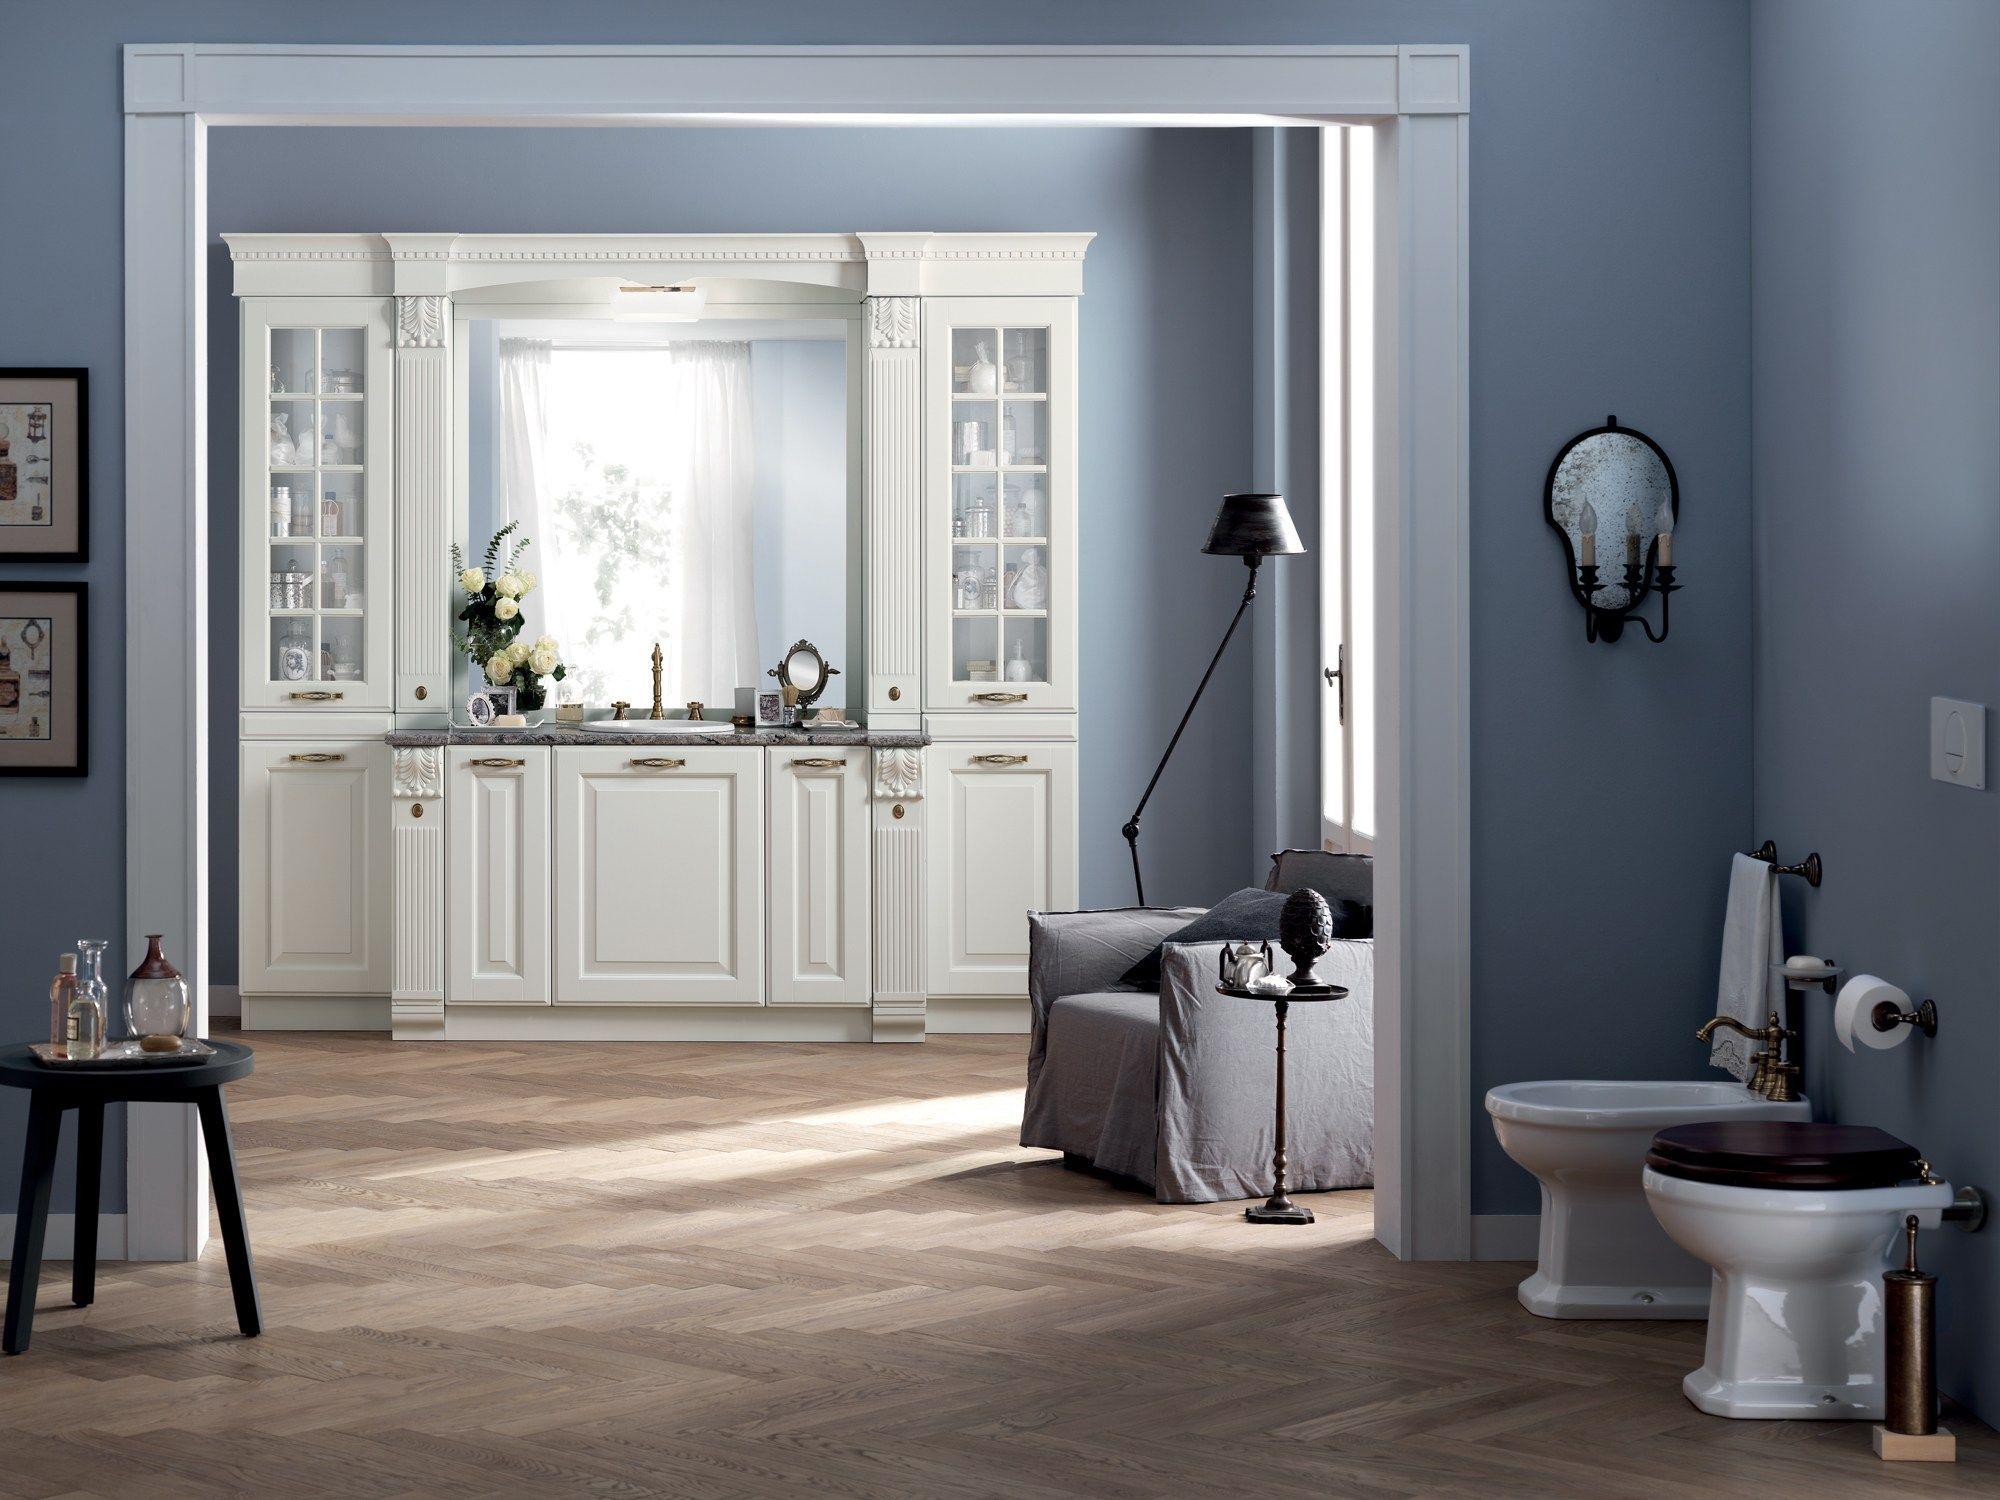 Arredo bagno completo baltimora by scavolini bathrooms for Arredo bagno scavolini